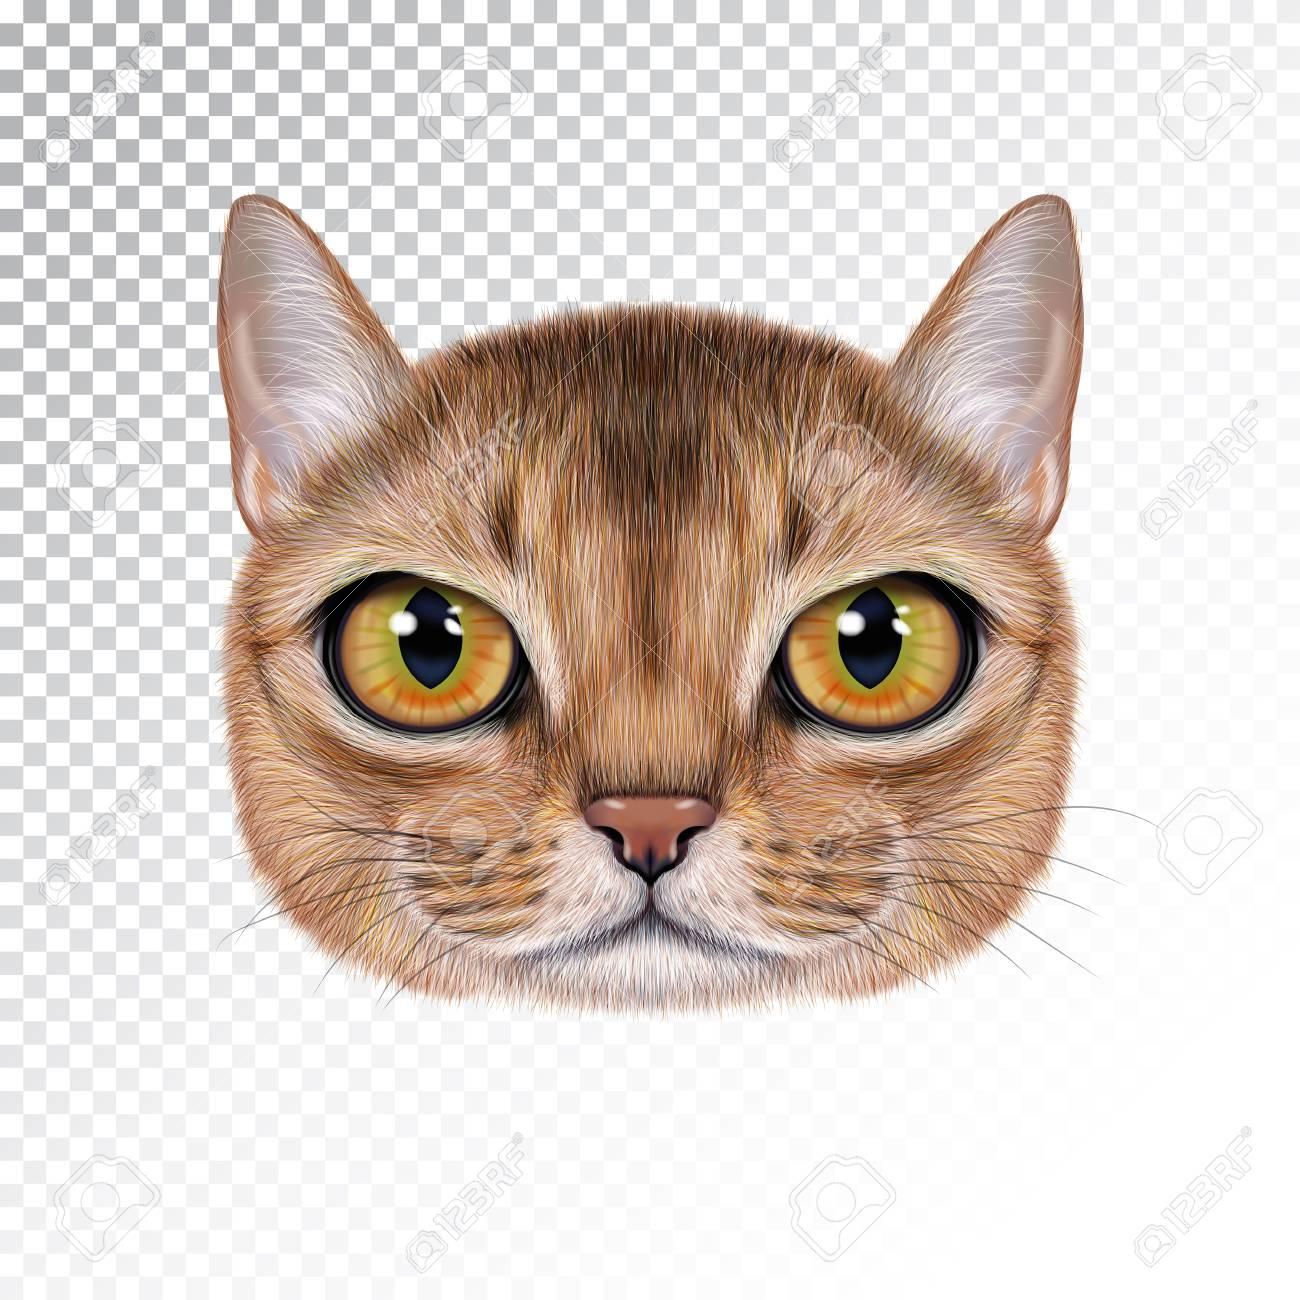 Portrait D Illustration Vectorielle De Chat Abyssin Visage Mignon Réaliste De Dessin Animé De Chat Couleur Sable Pour L Impression Sur Un Oreiller